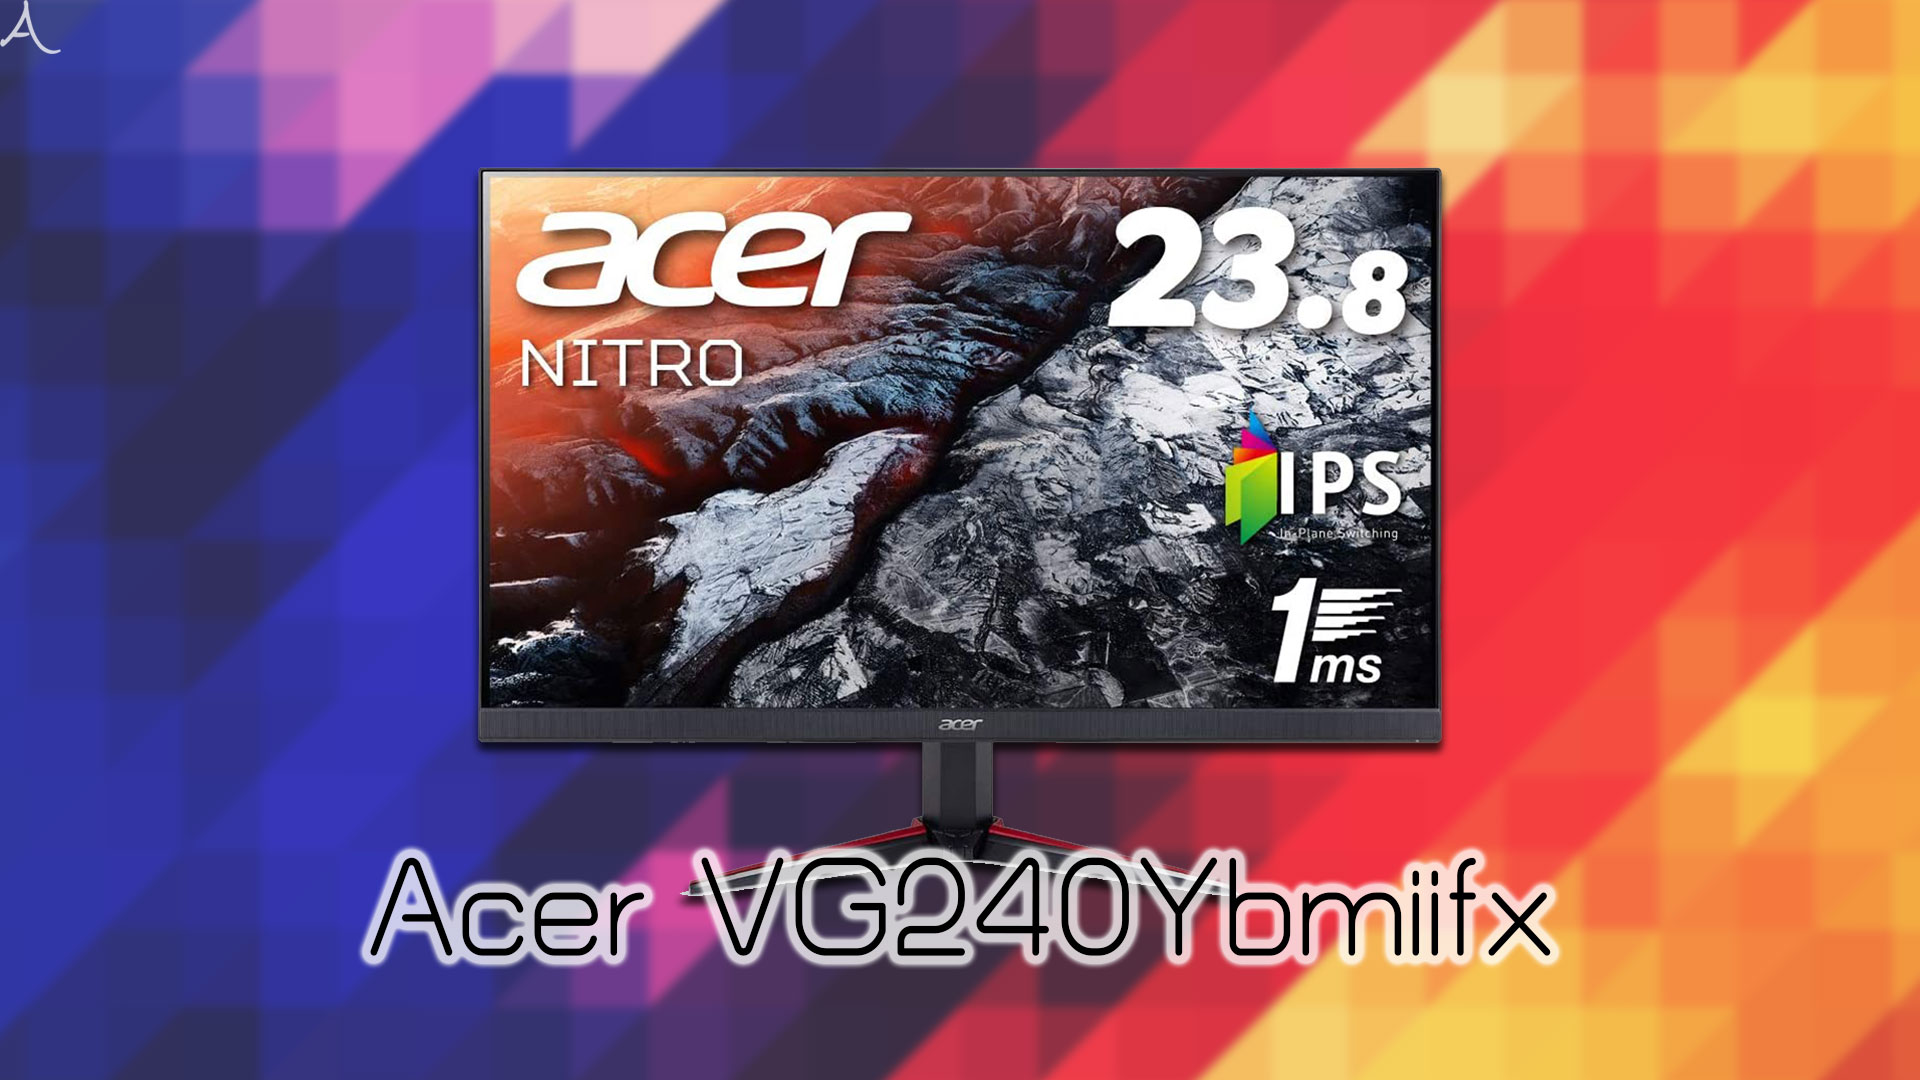 「Acer VG240Ybmiifx」ってモニターアーム使えるの?VESAサイズやおすすめアームはどれ?